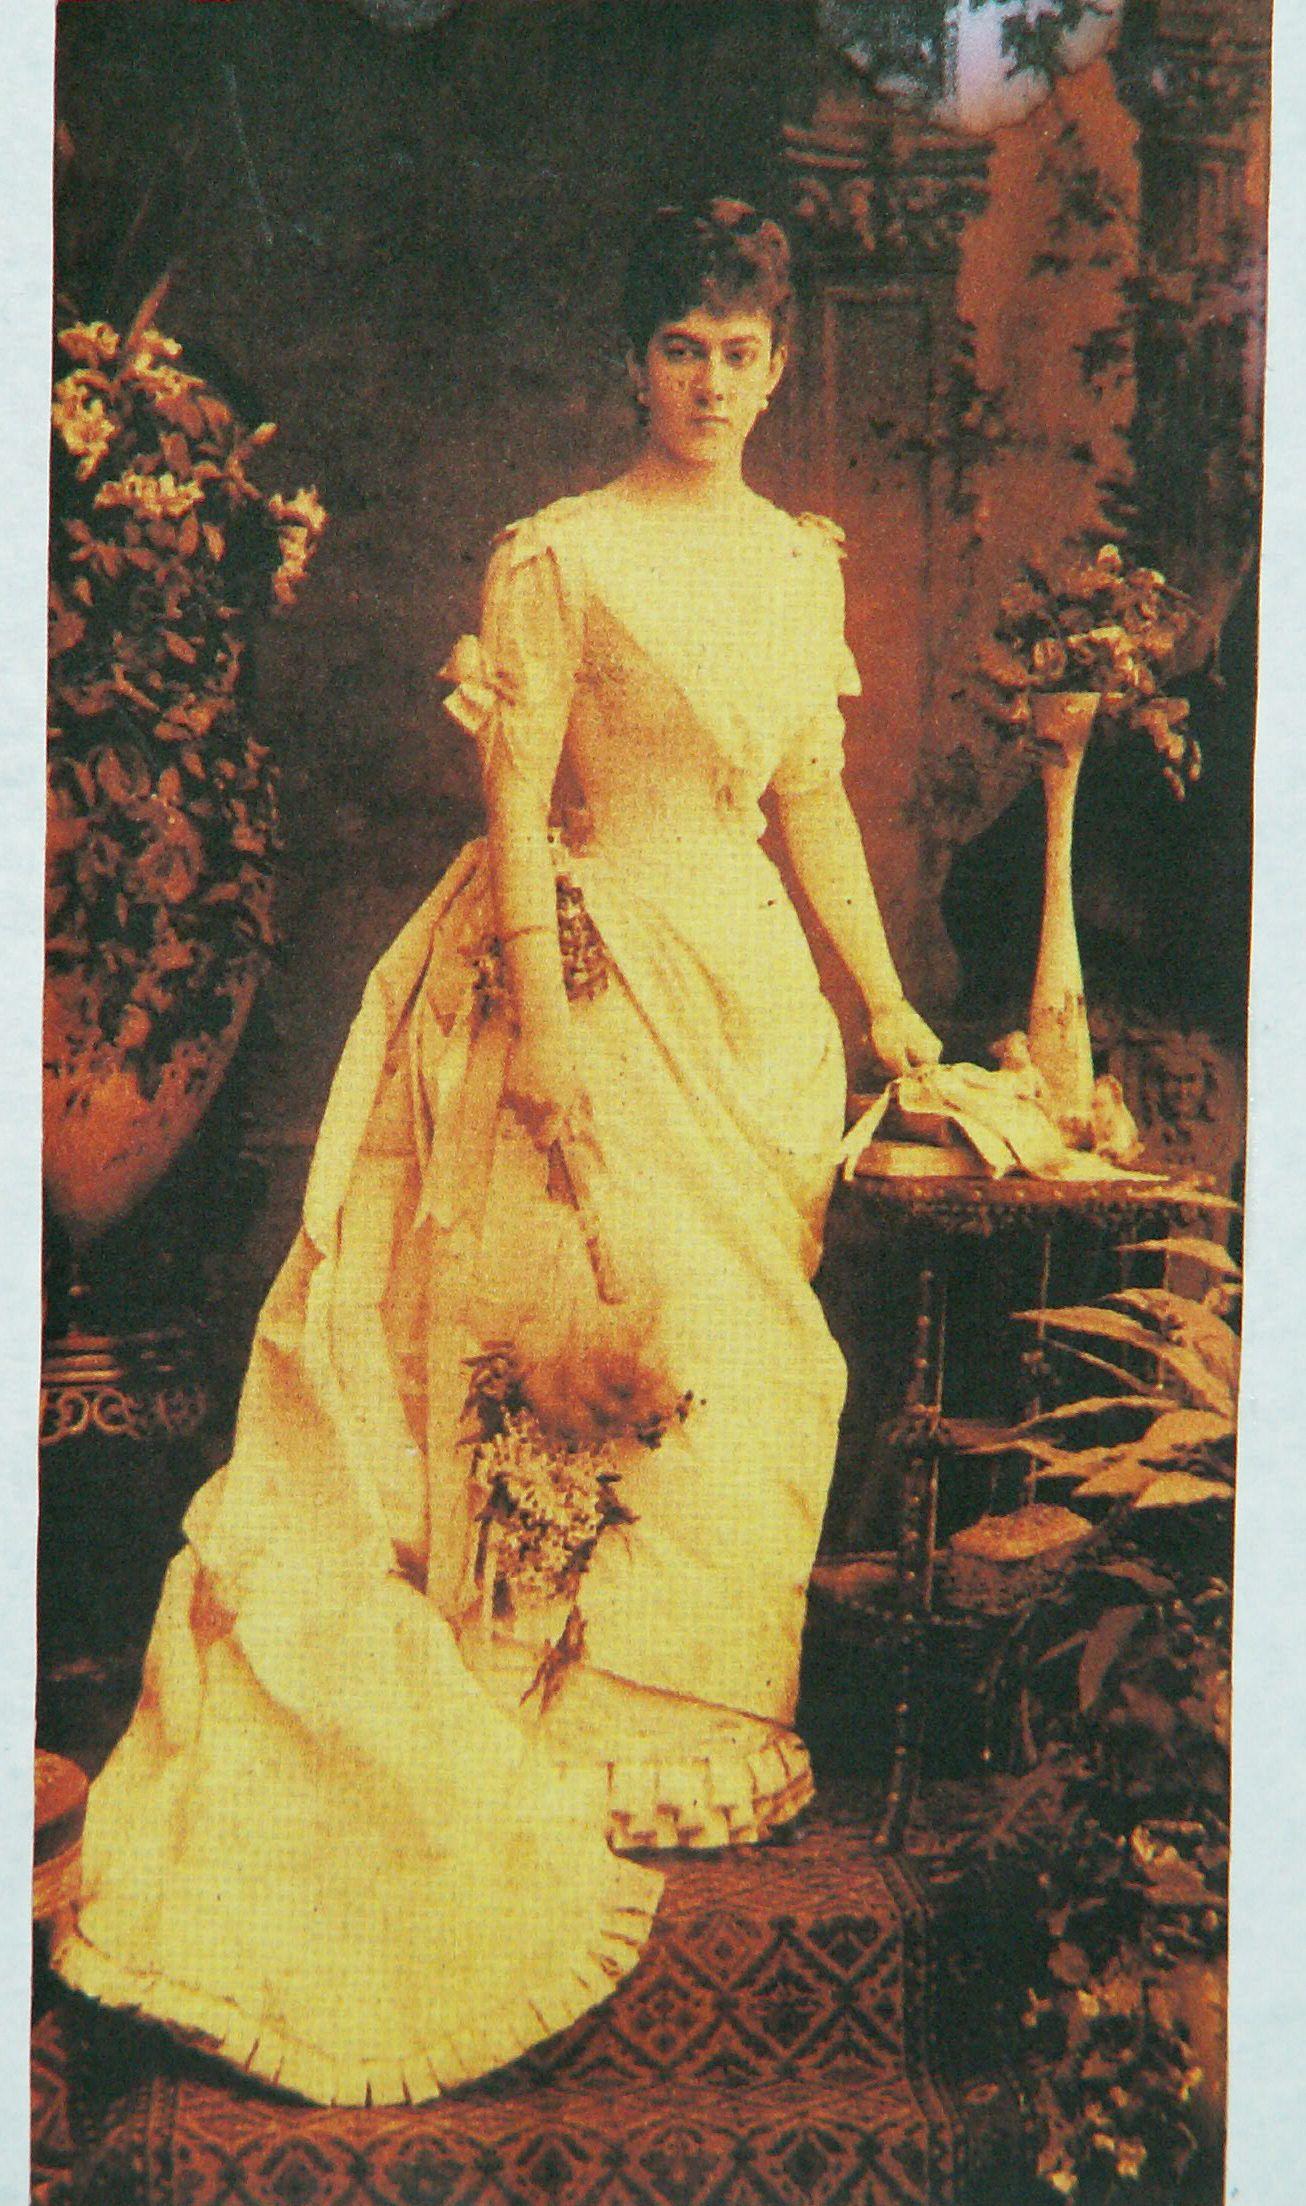 Елизавета-Мария-Регина-Габриэла графиня Гуттен-Чапская, дочь Кароля-Яна-Александра фон Гуттен-Чапского